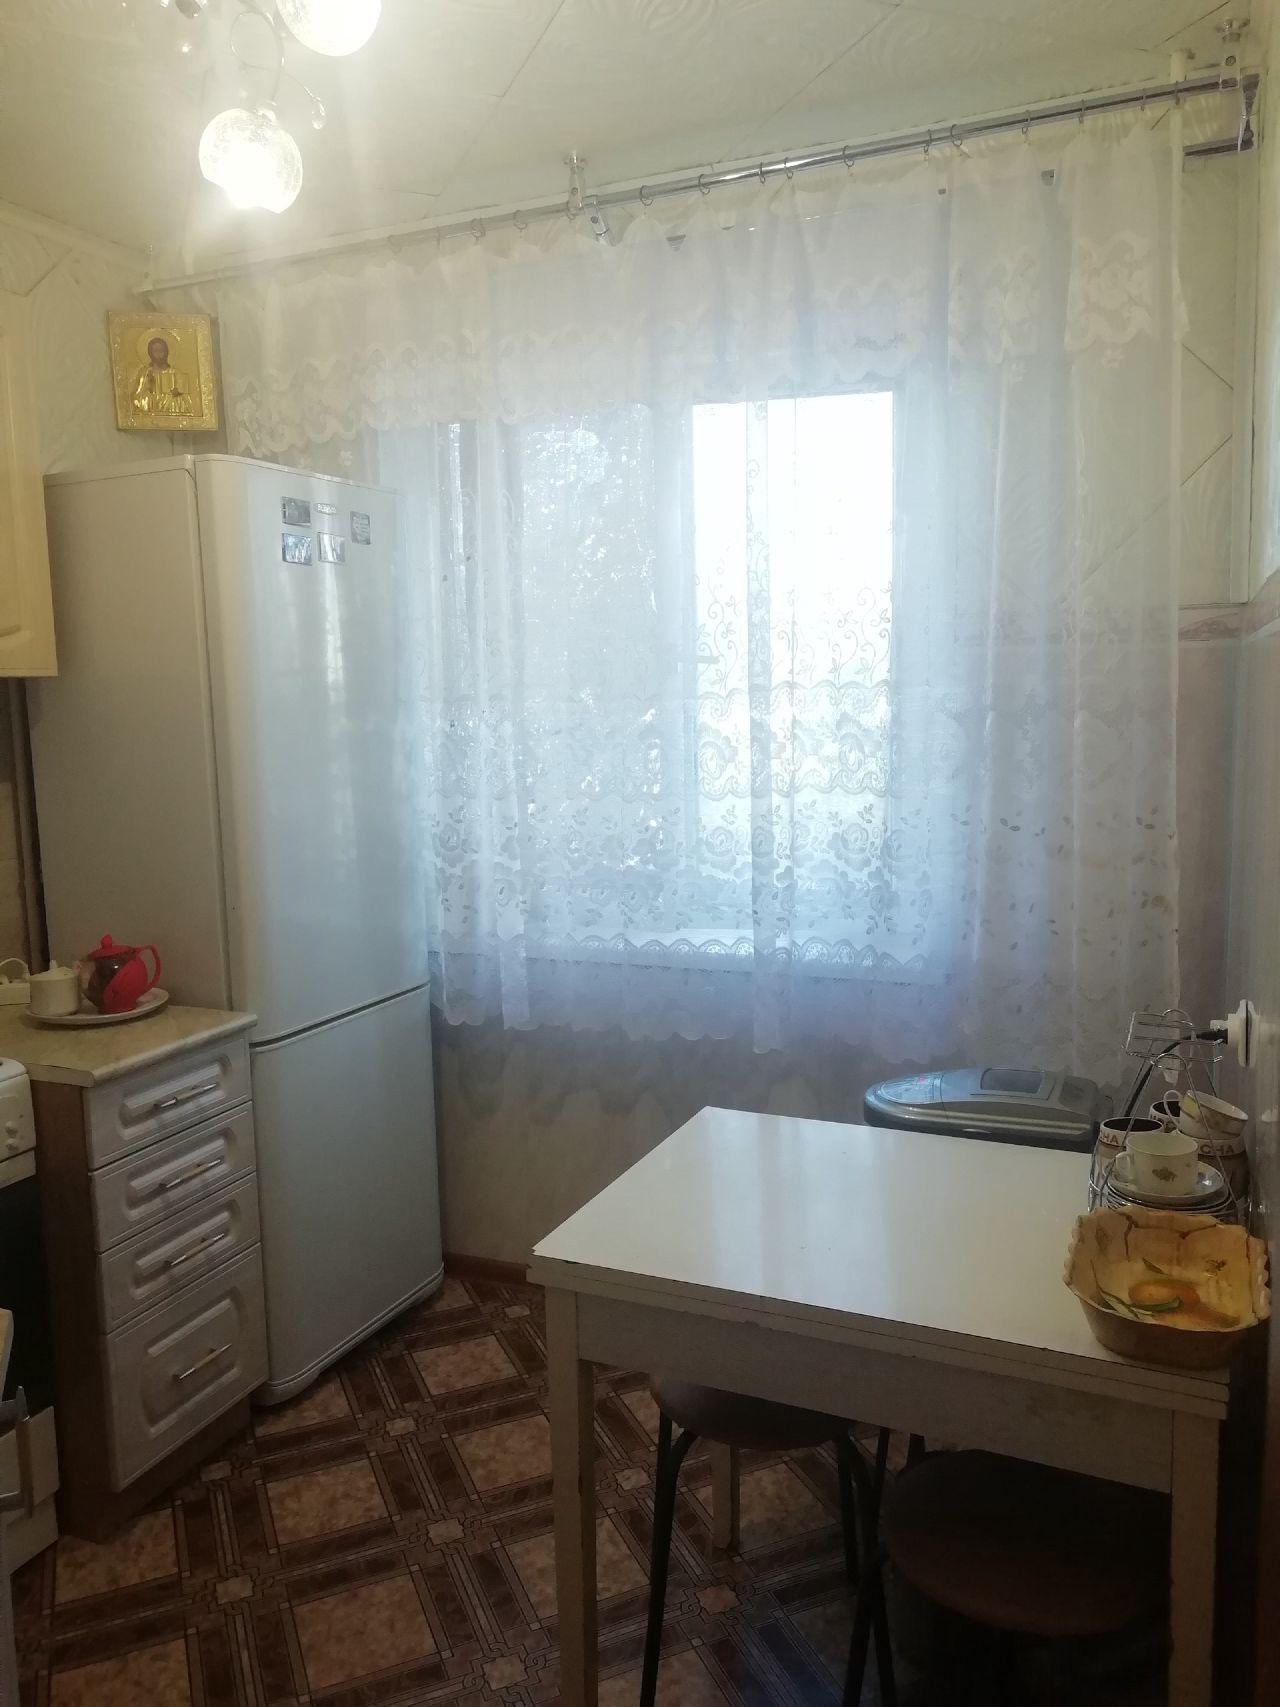 Продается трехкомнатная квартира в   Объявления Орска и Новотроицка №2384